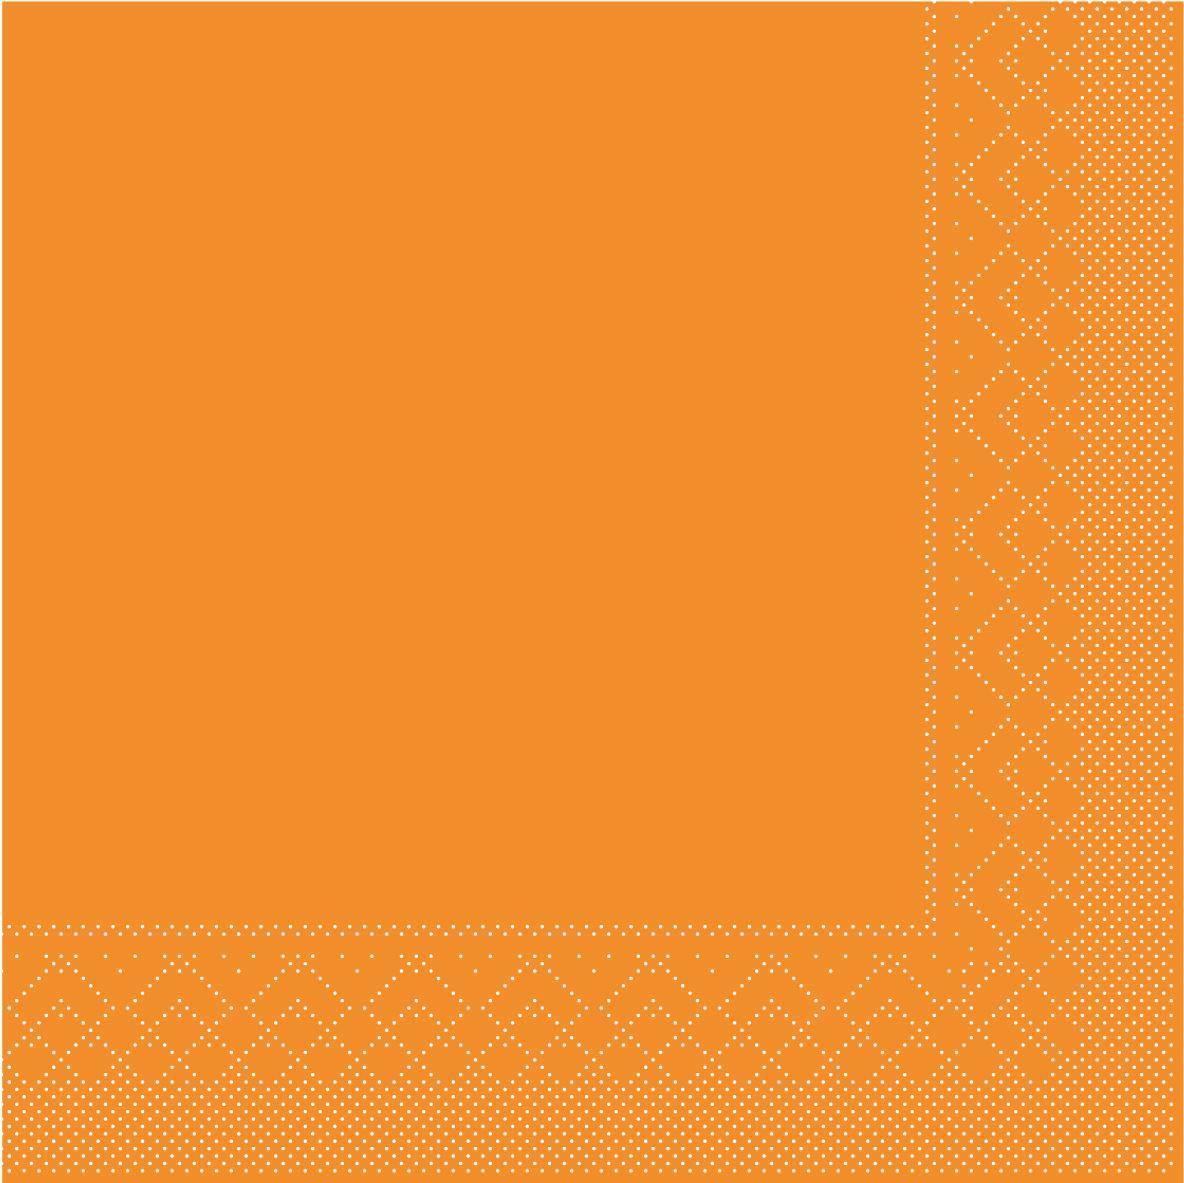 Serwetki chusteczki 25x25 cm - BASIC  CURRY  25x25 cm